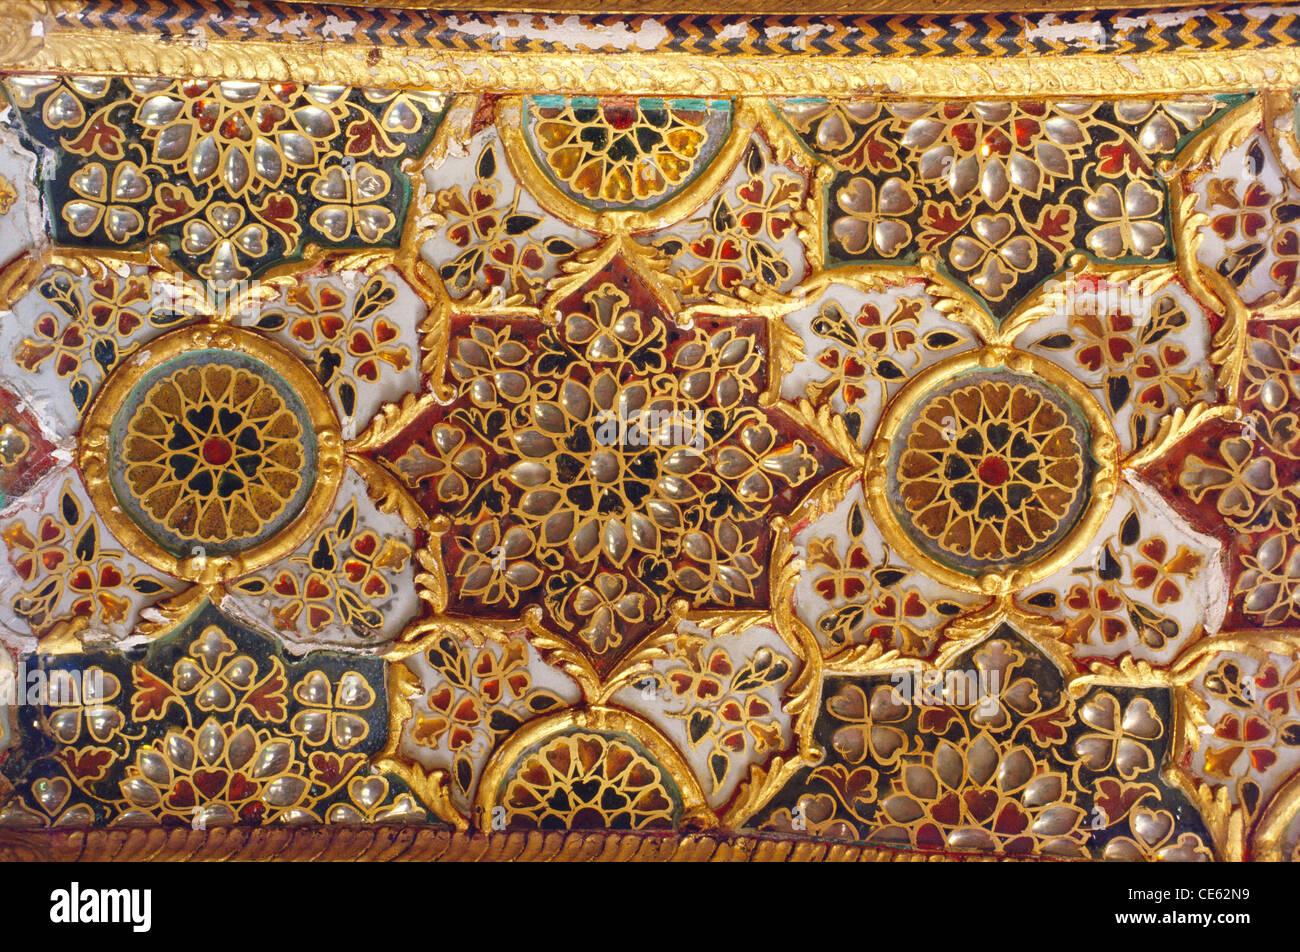 Gold work in Sunheri Kothi Tonk Rajasthan India - Stock Image